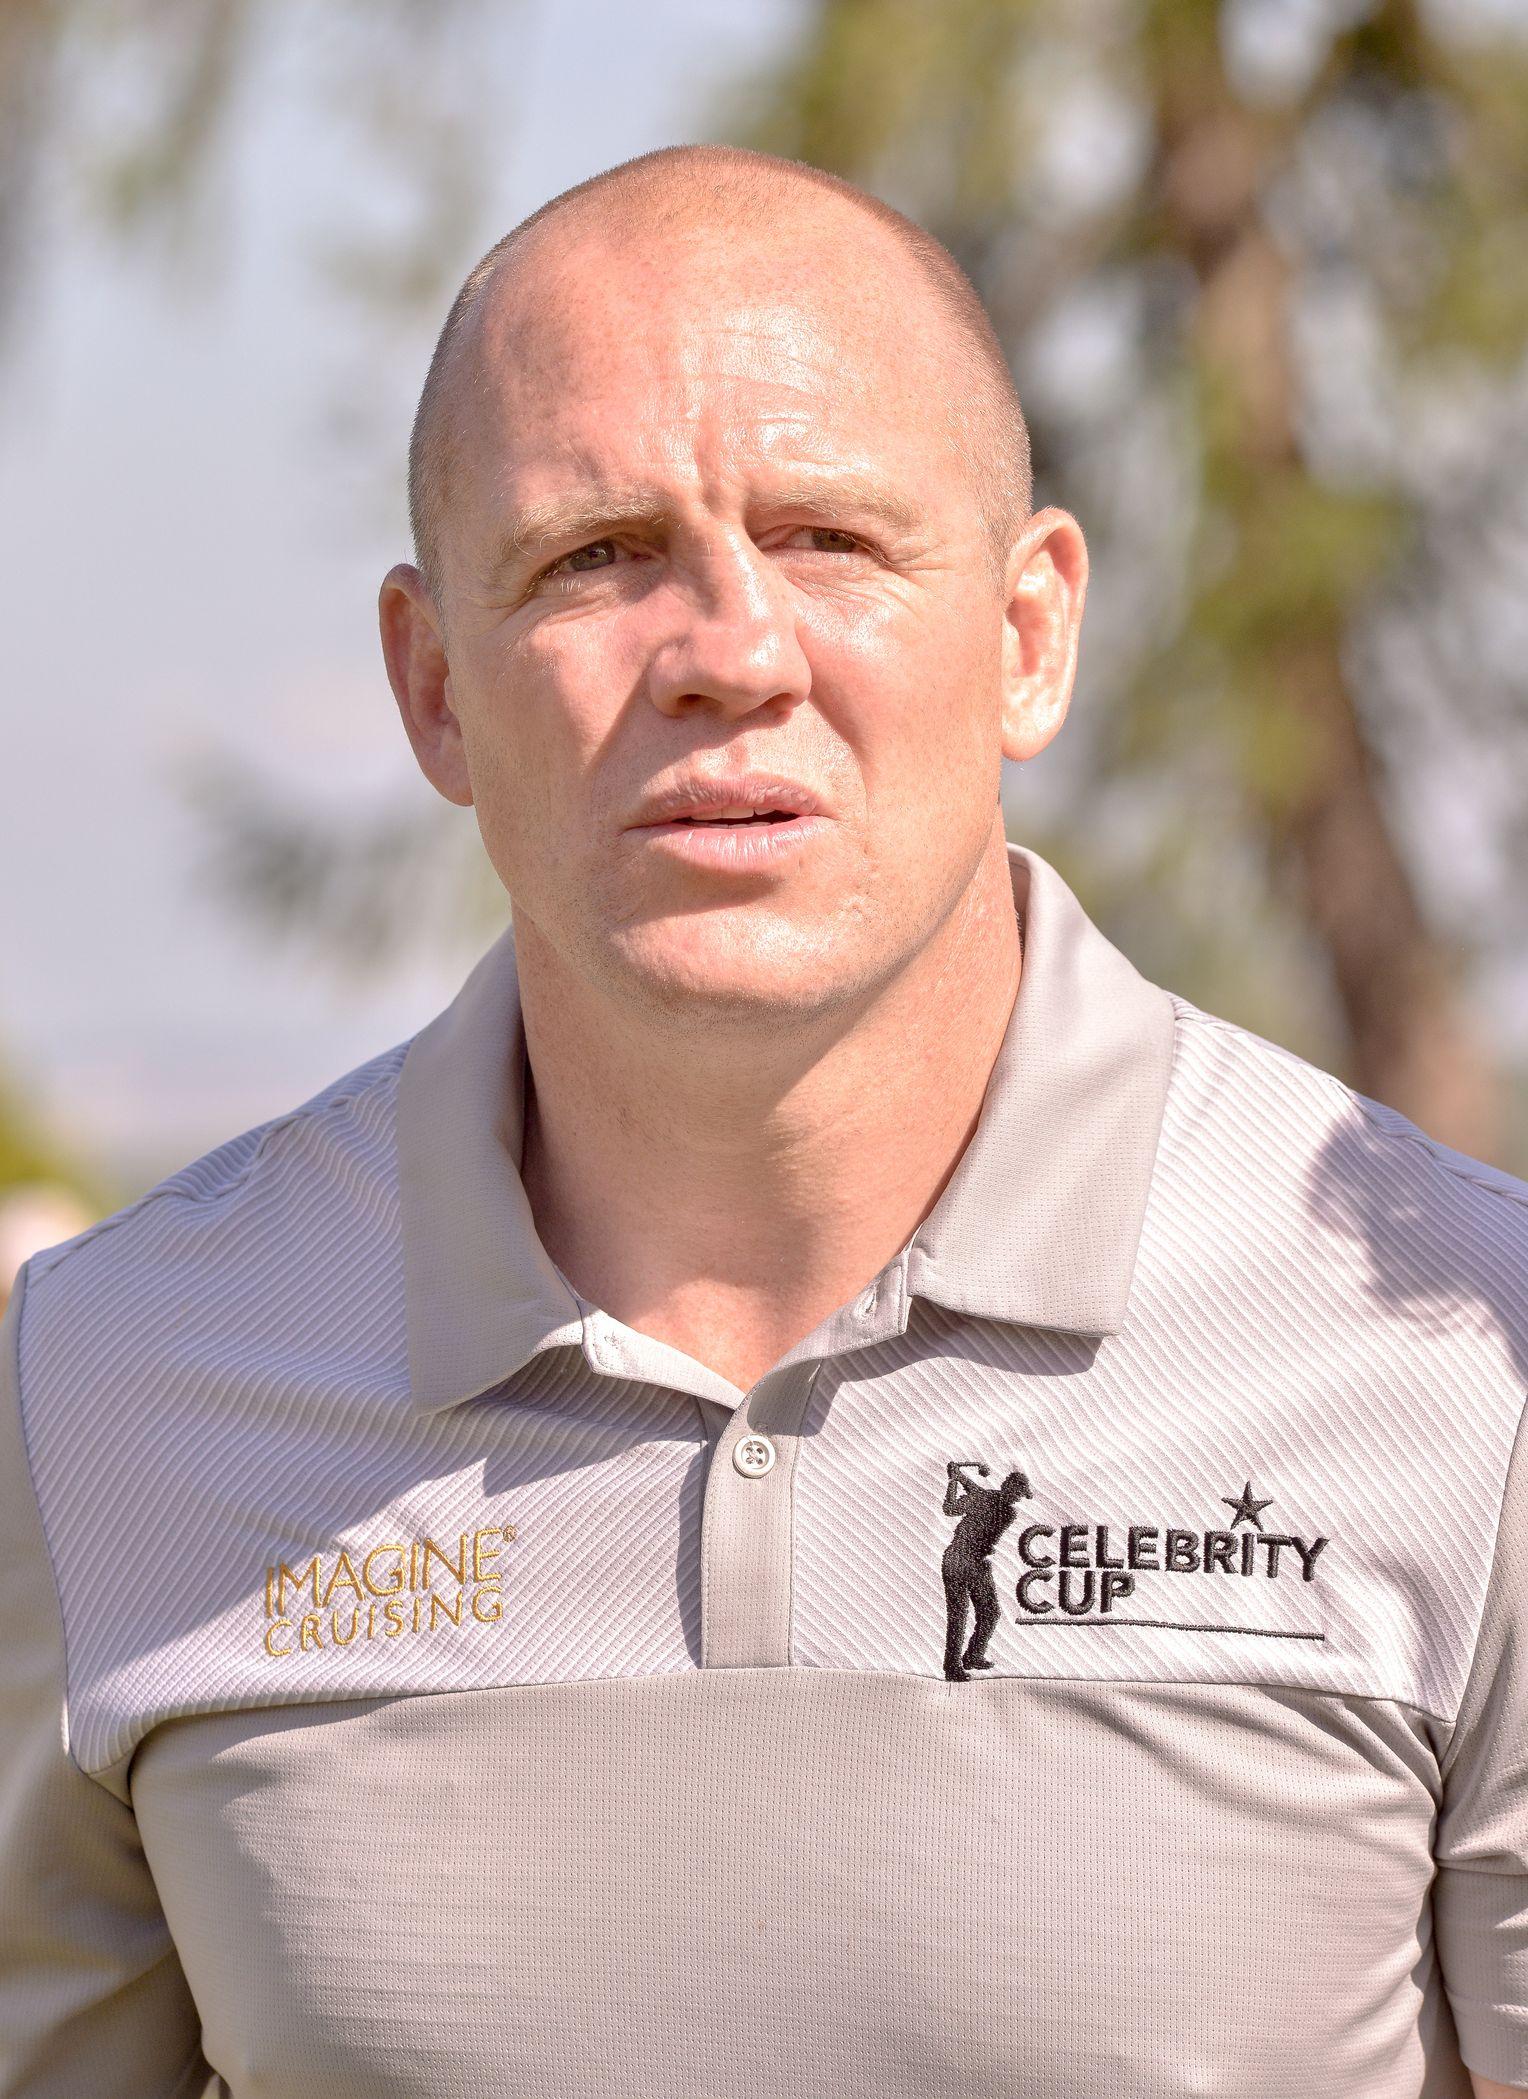 Mike Tindall: Ex-Rugby-Star zeigt sich mit neuer Nase - DER SPIEGEL